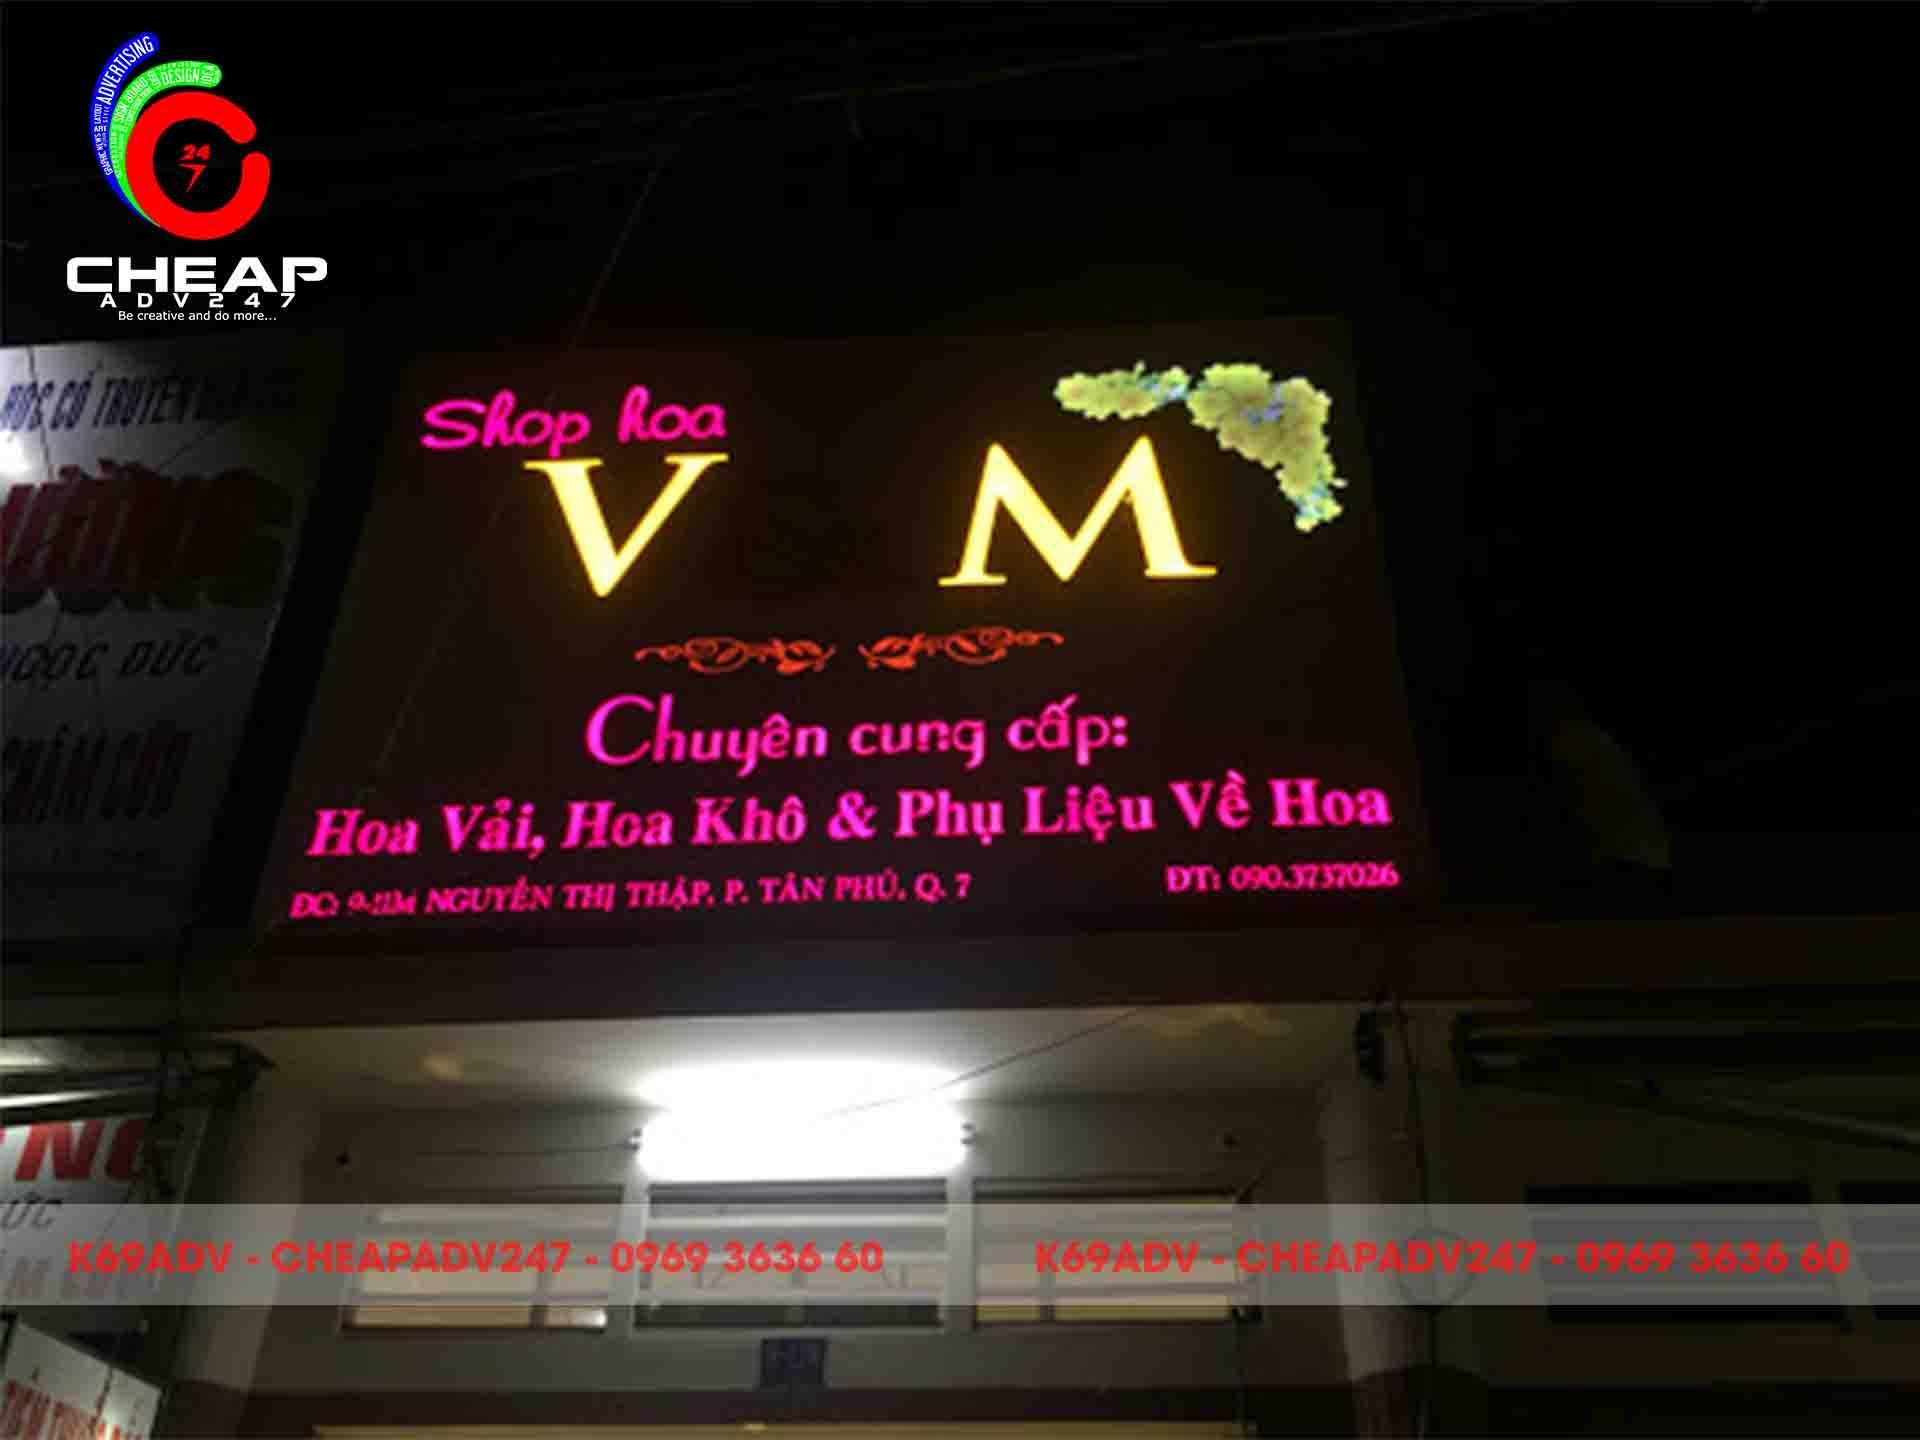 lam bang hieu shop cheapadv2472 1